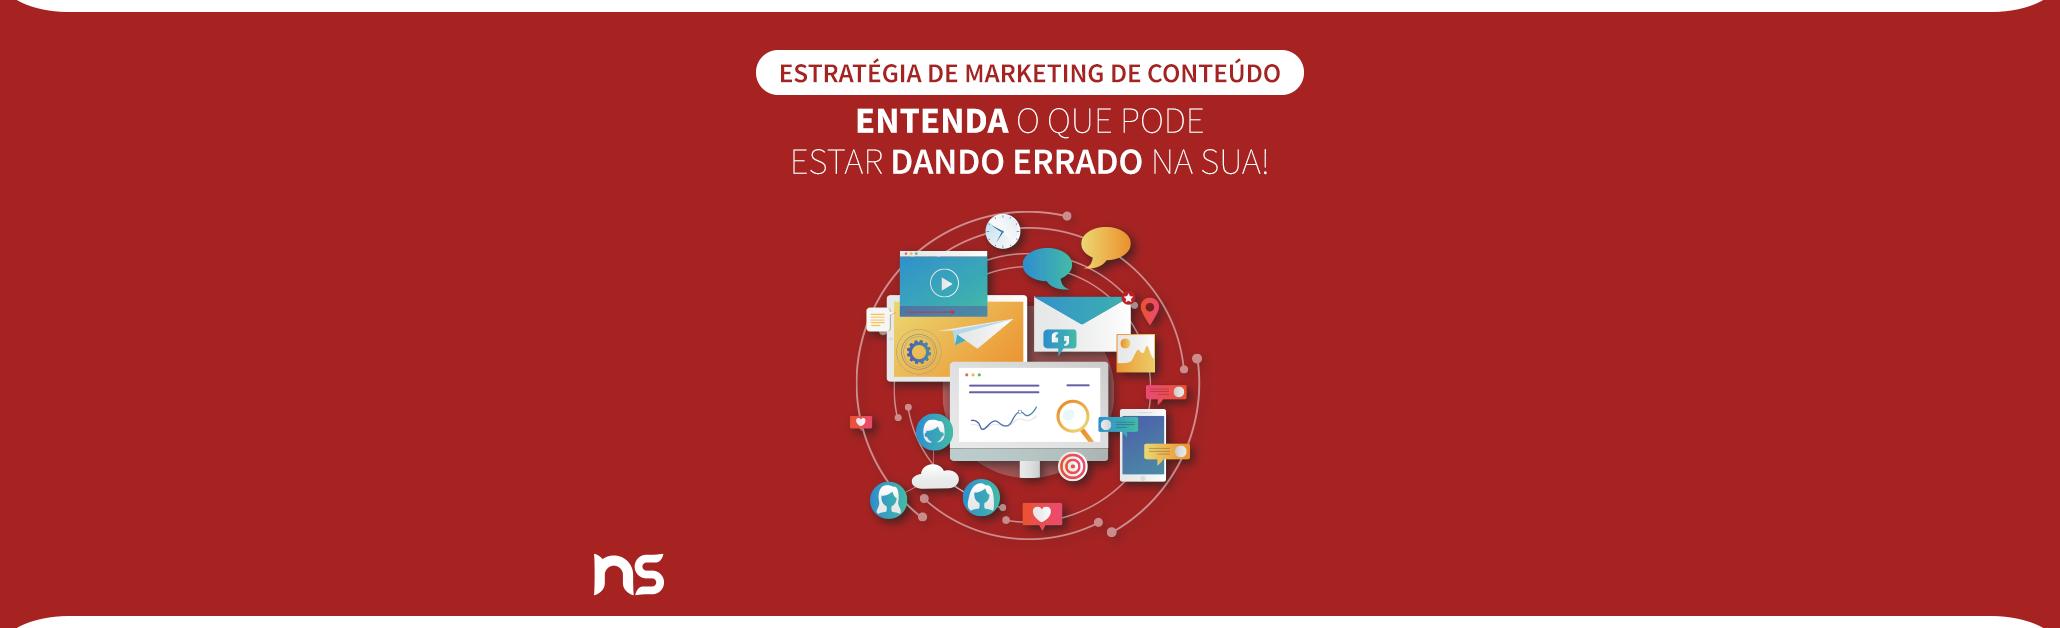 Estratégia de marketing de conteúdo: entenda o que pode estar dando errado na sua!